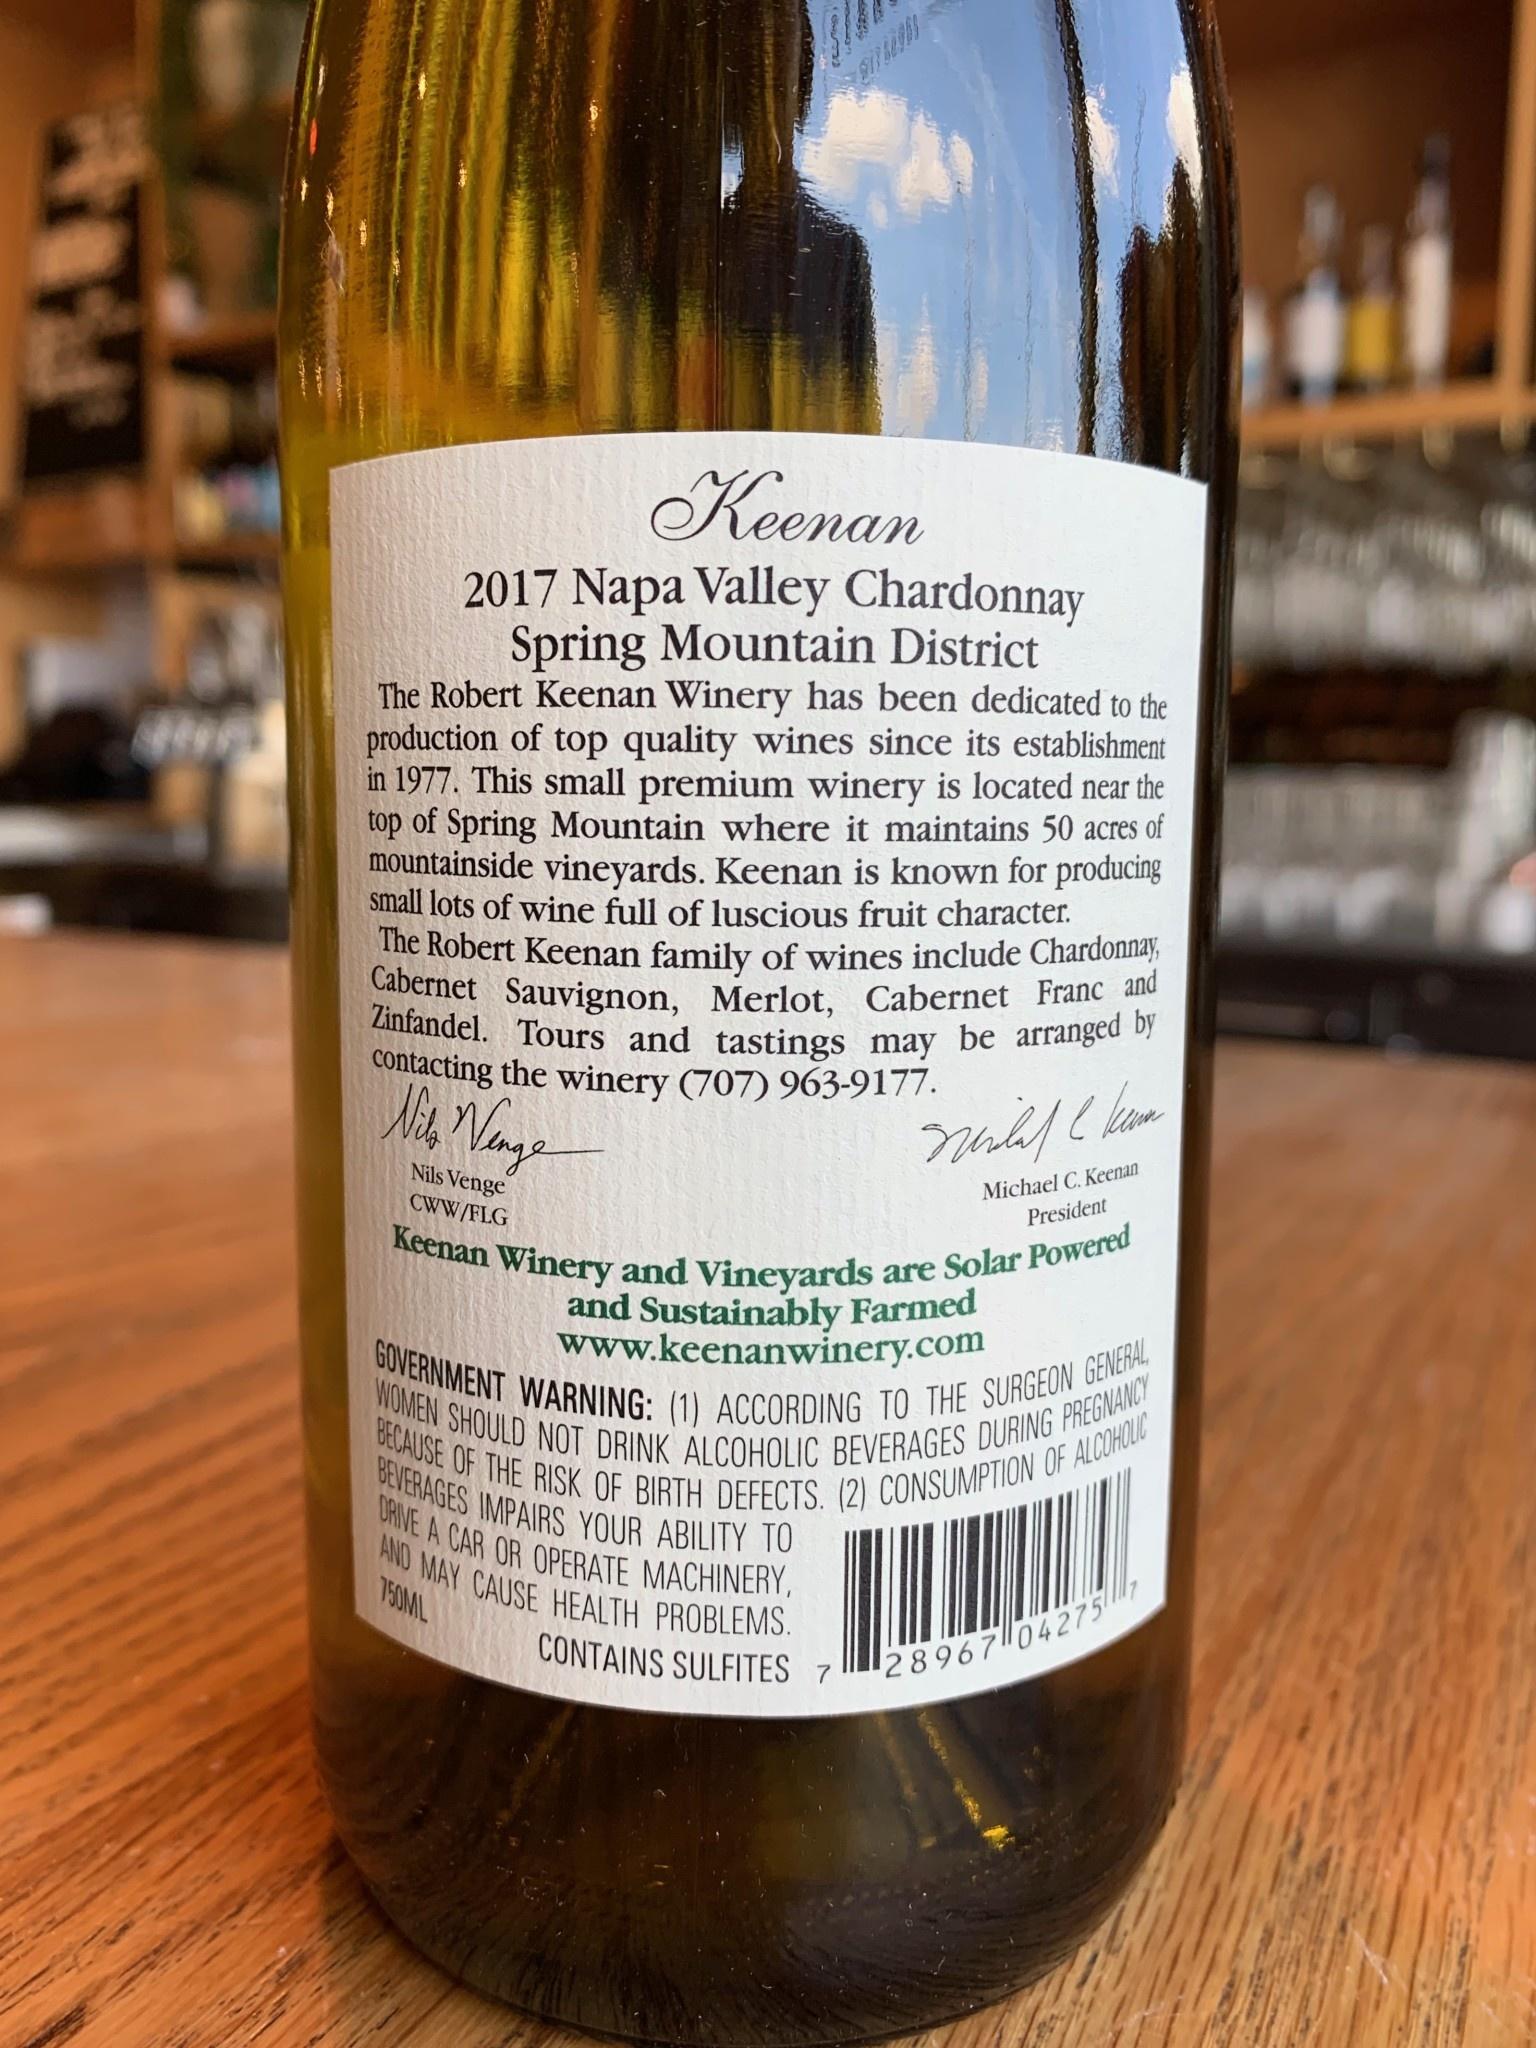 Keenan Winery 2017 Keenan Spring Mountain Chardonnay 750mL